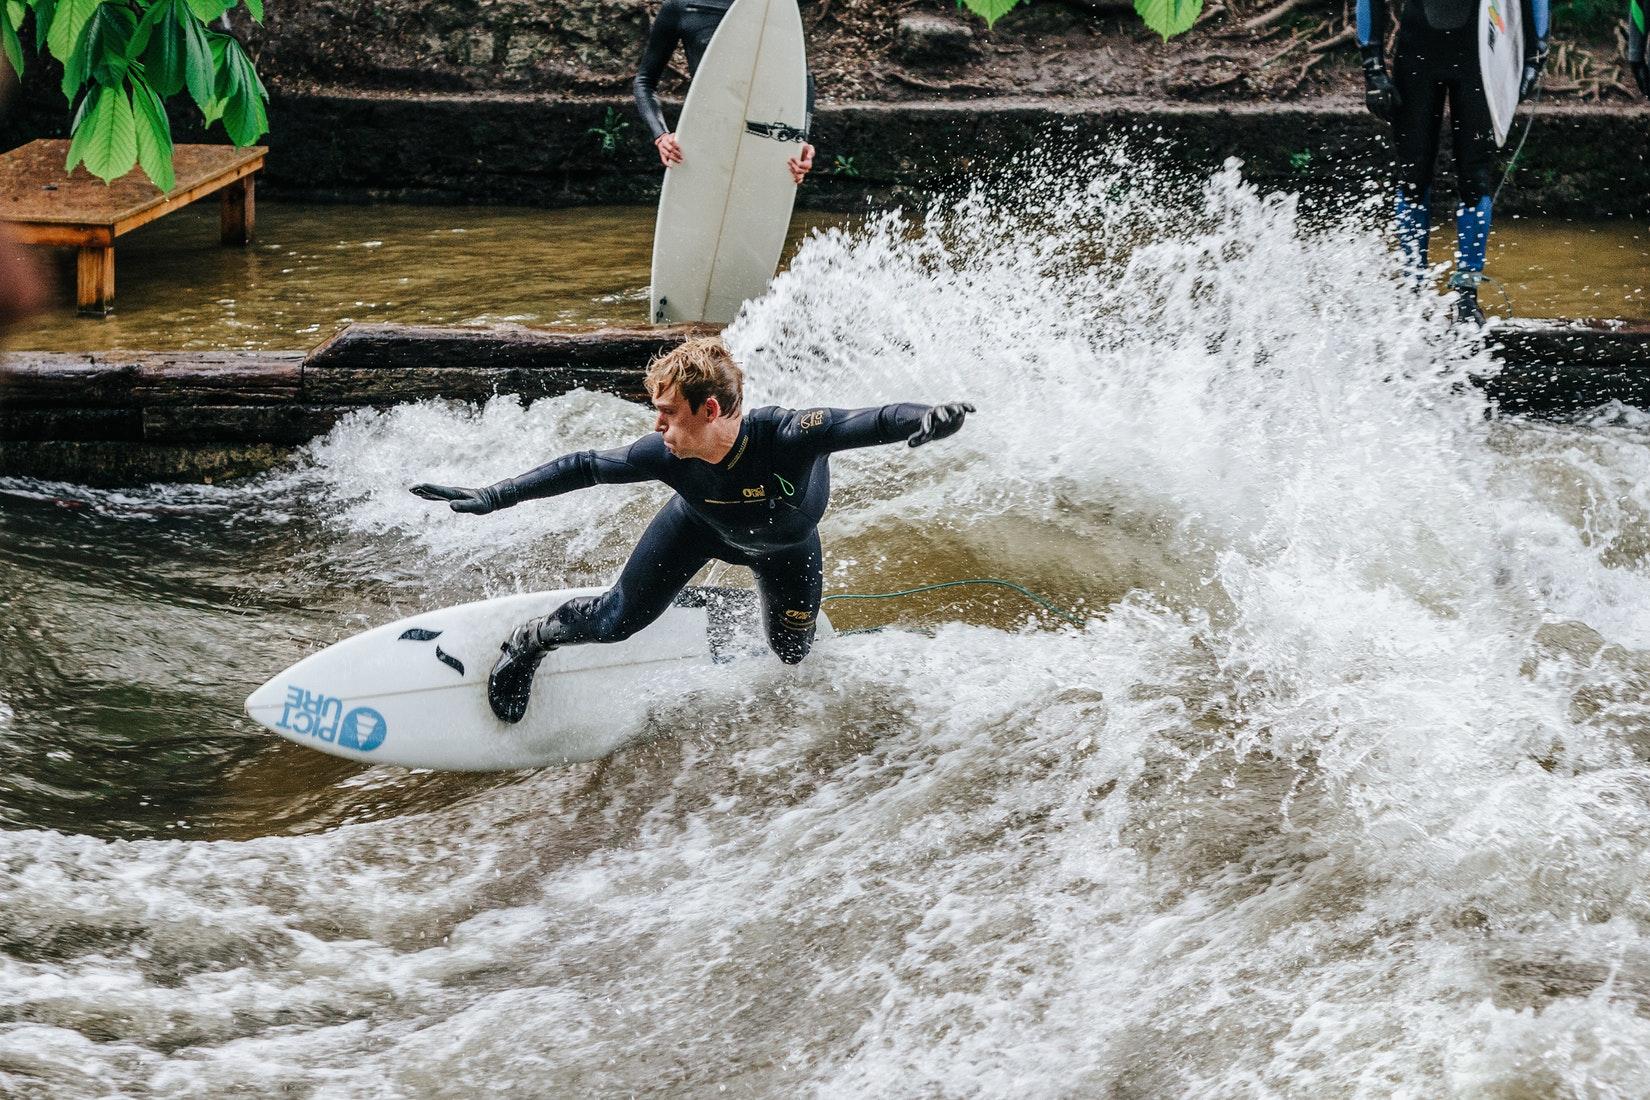 Ein Bild von einem Surfer auf der Eisbachwelle in München im Neoprenanzug